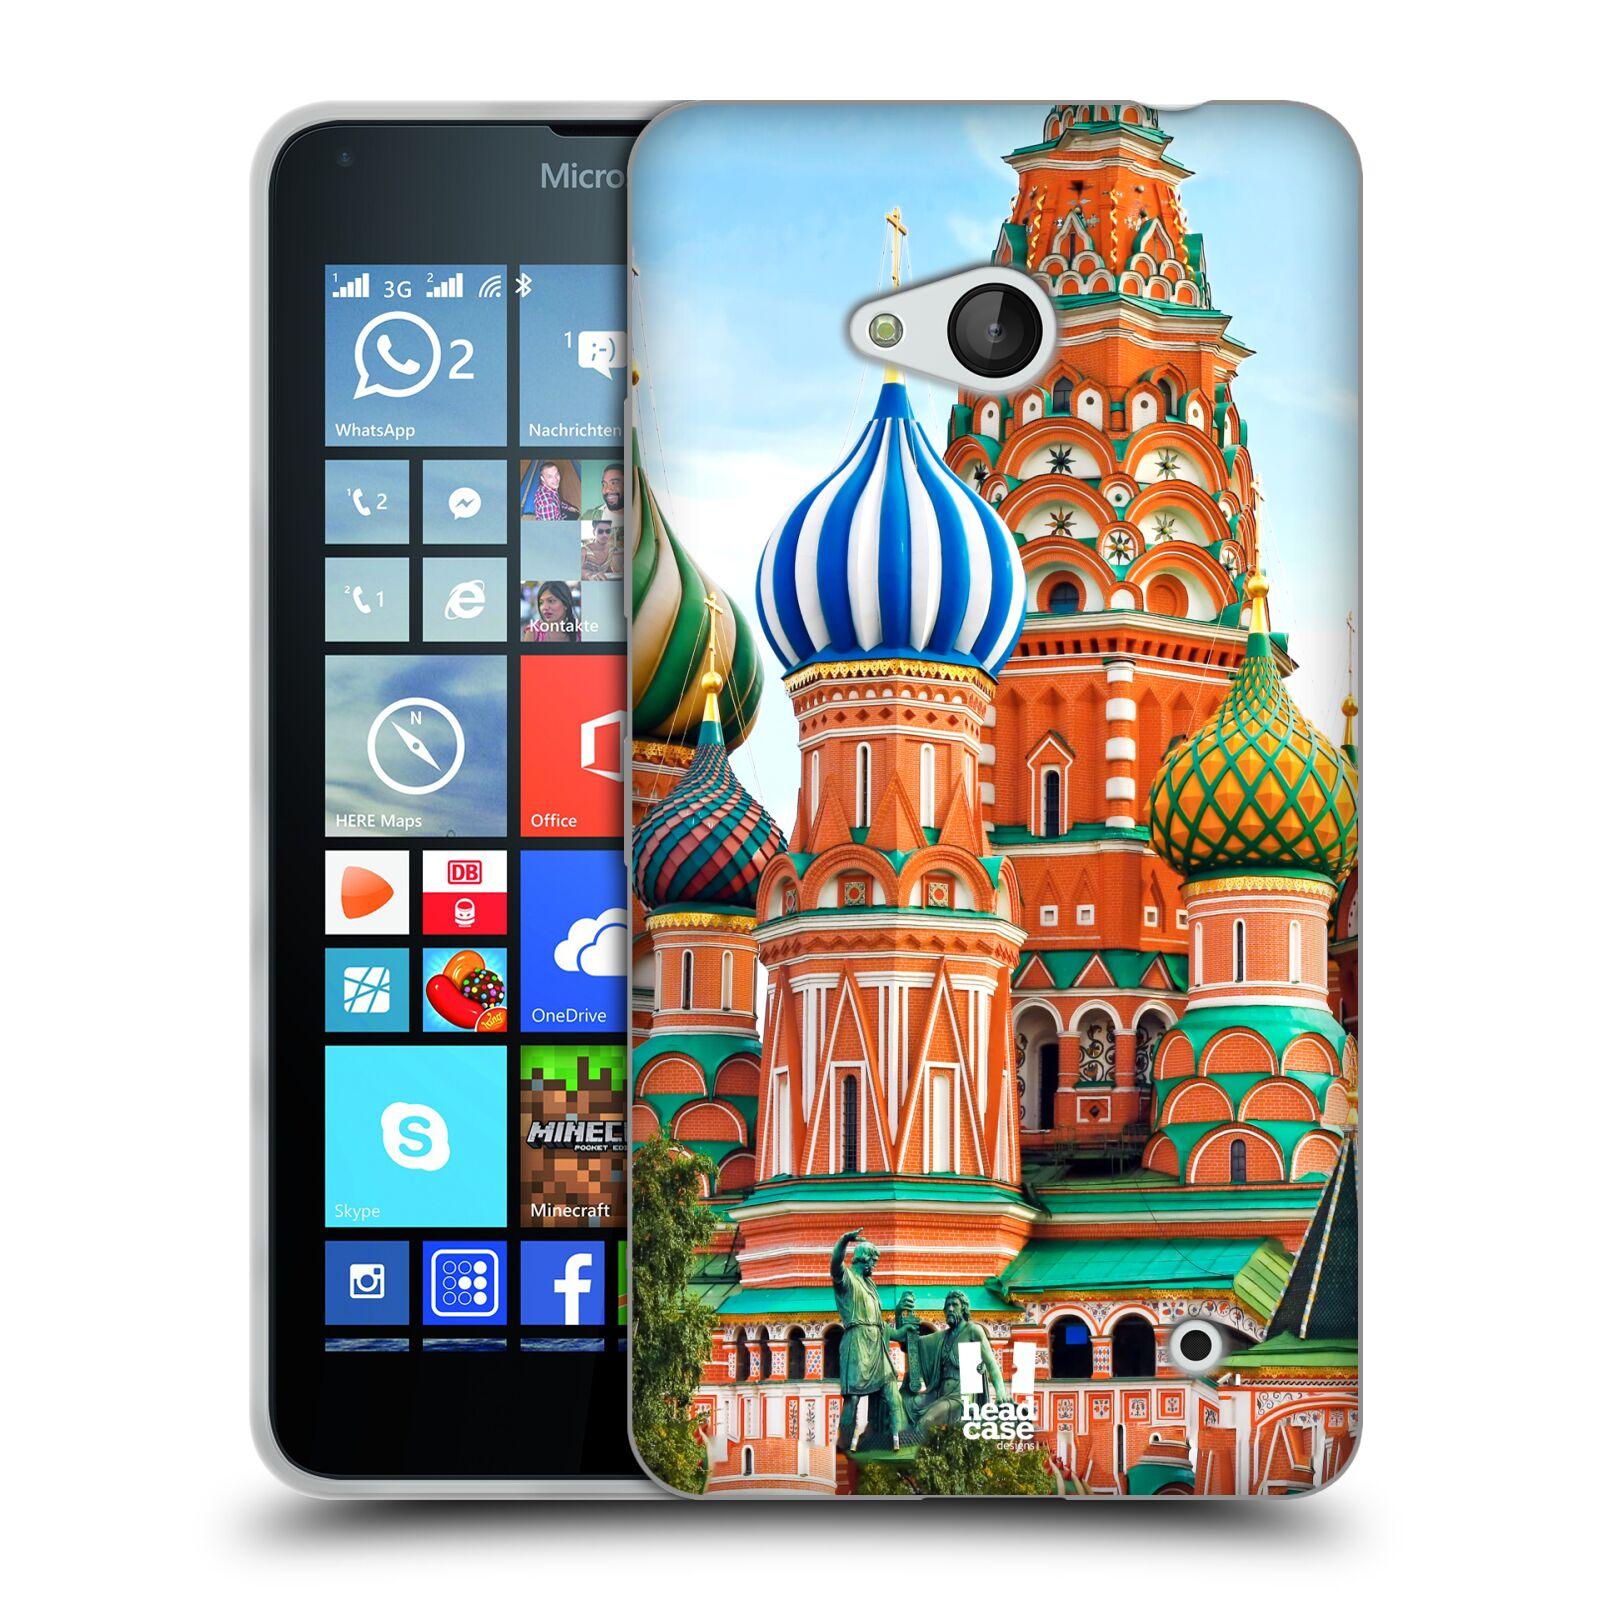 HEAD CASE silikonový obal na mobil Microsoft / Nokia Lumia 640 / Lumia 640 DUAL vzor Města foto náměstí RUSKO,MOSKVA, RUDÉ NÁMĚSTÍ